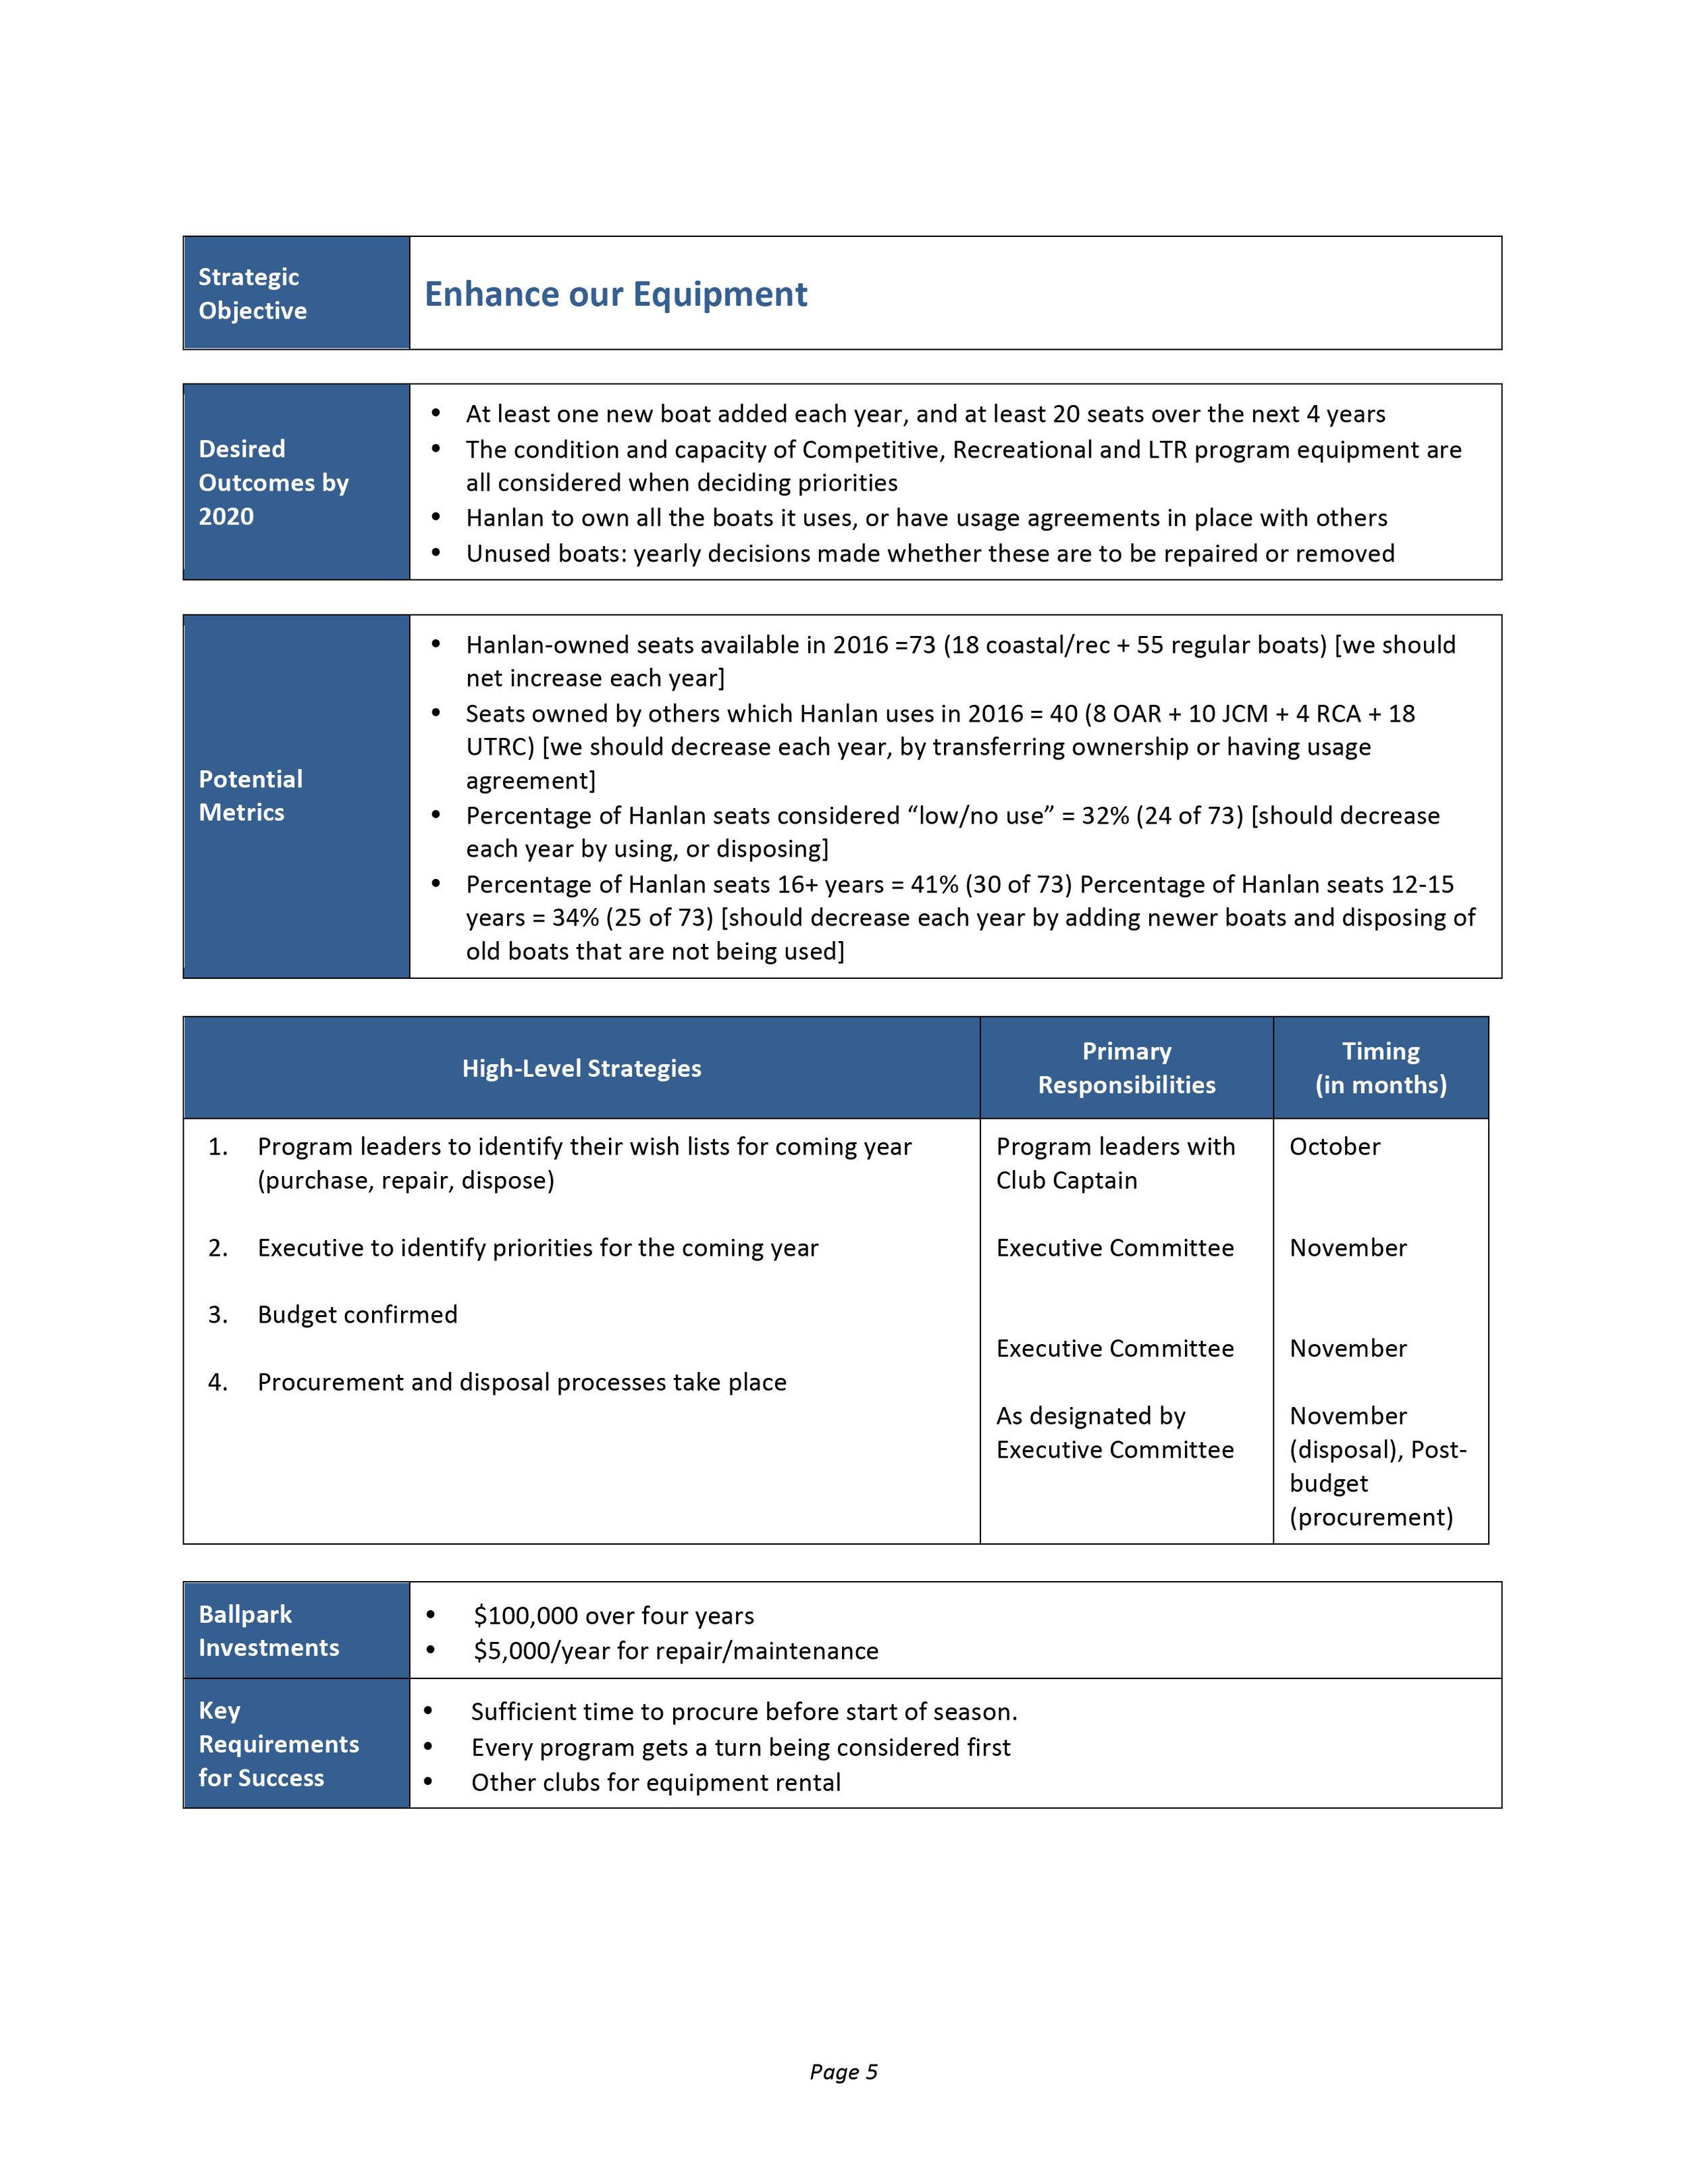 Hanlan Boat Club Strategy Document-5.jpg